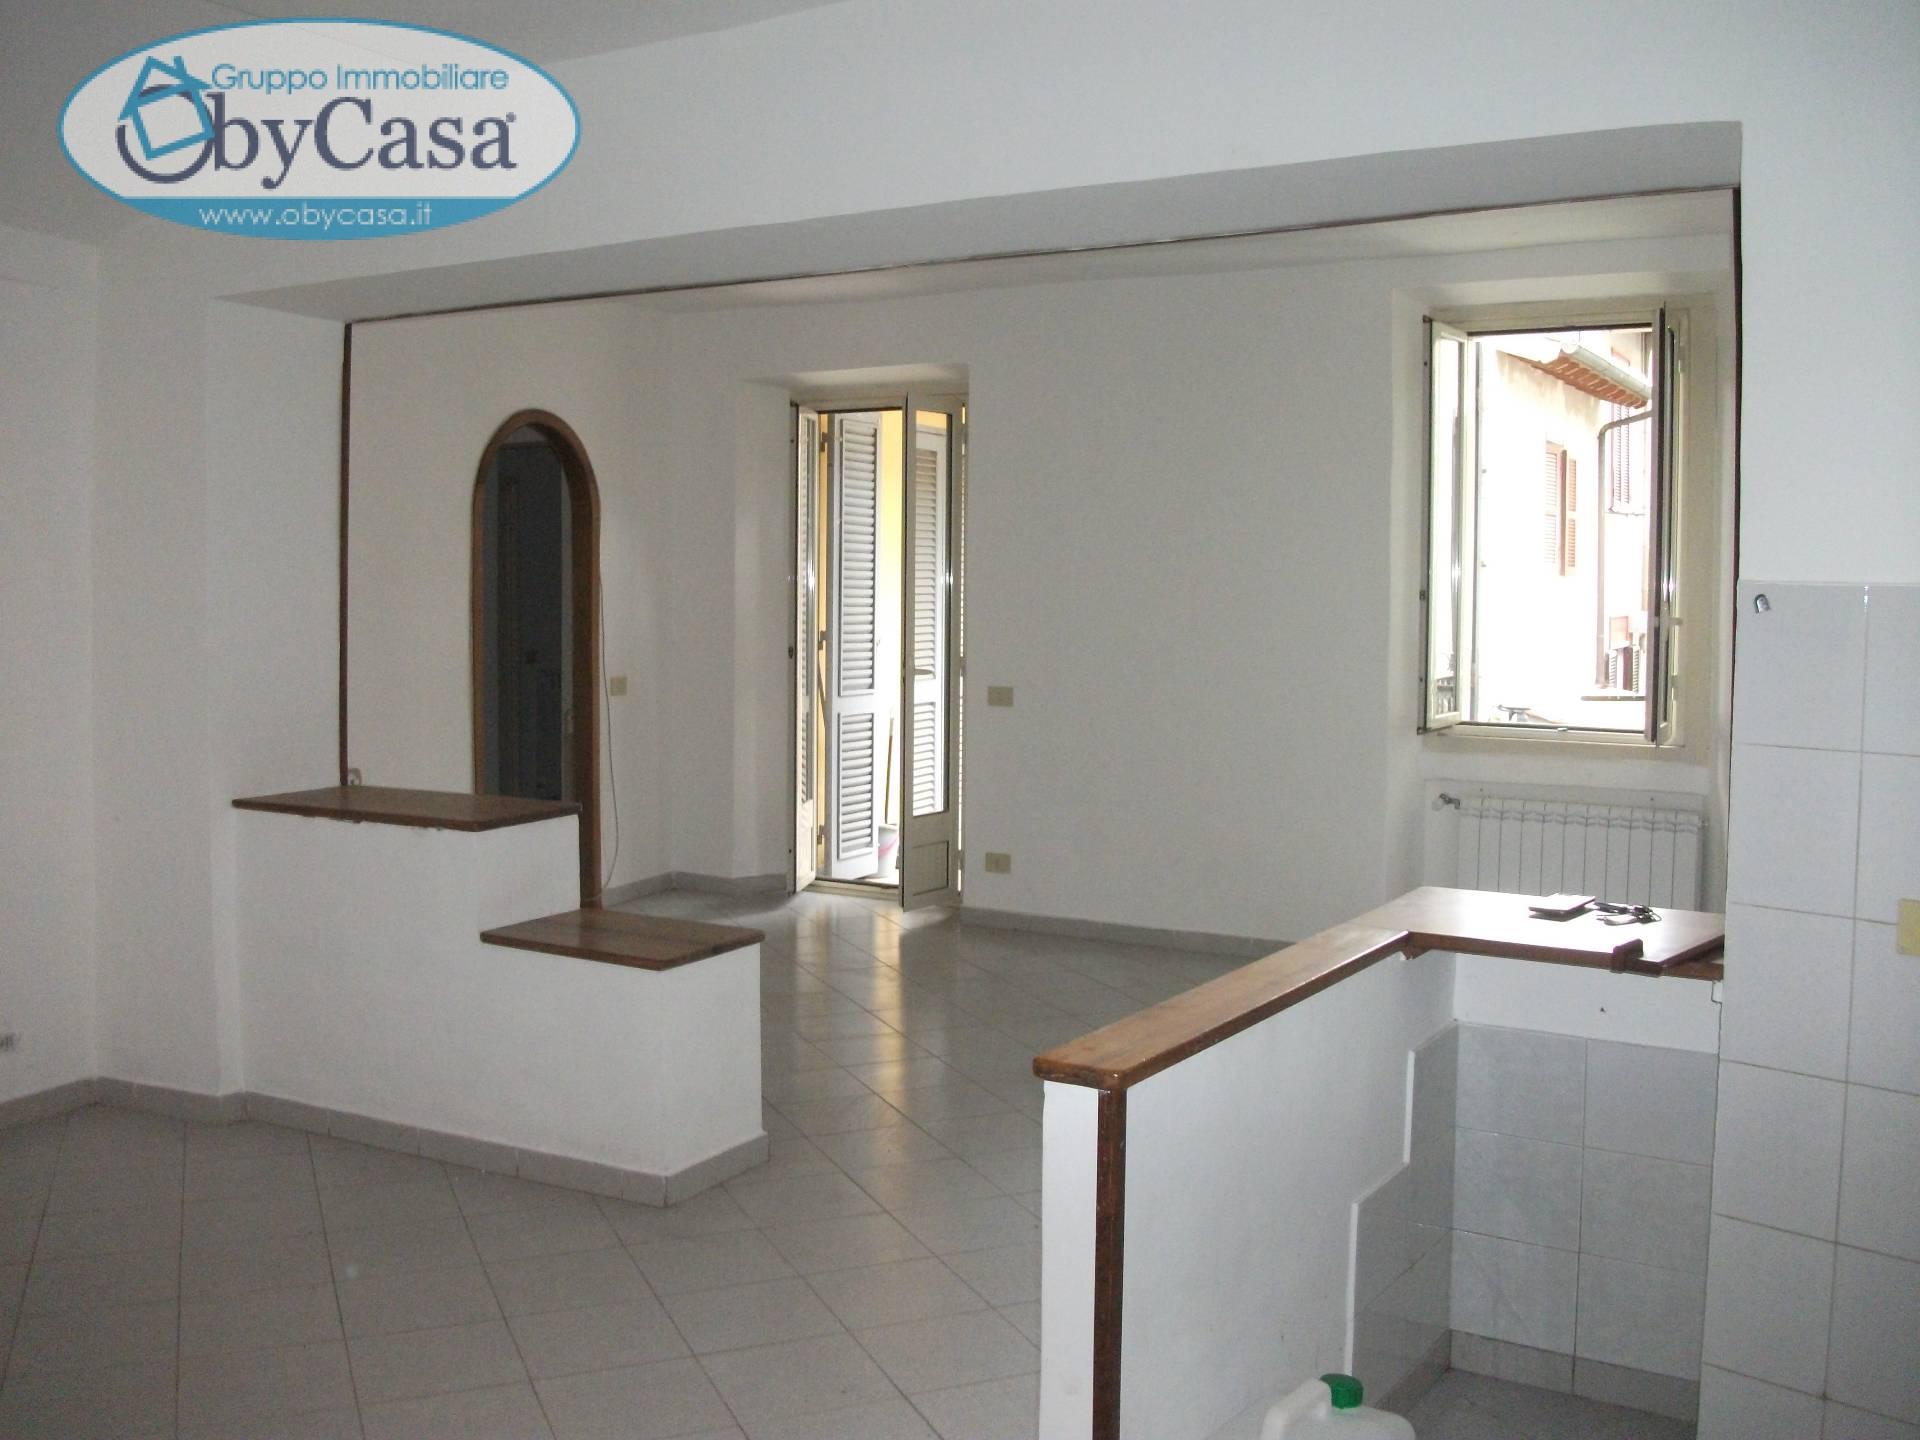 Appartamento in affitto a Oriolo Romano, 3 locali, prezzo € 400 | Cambio Casa.it